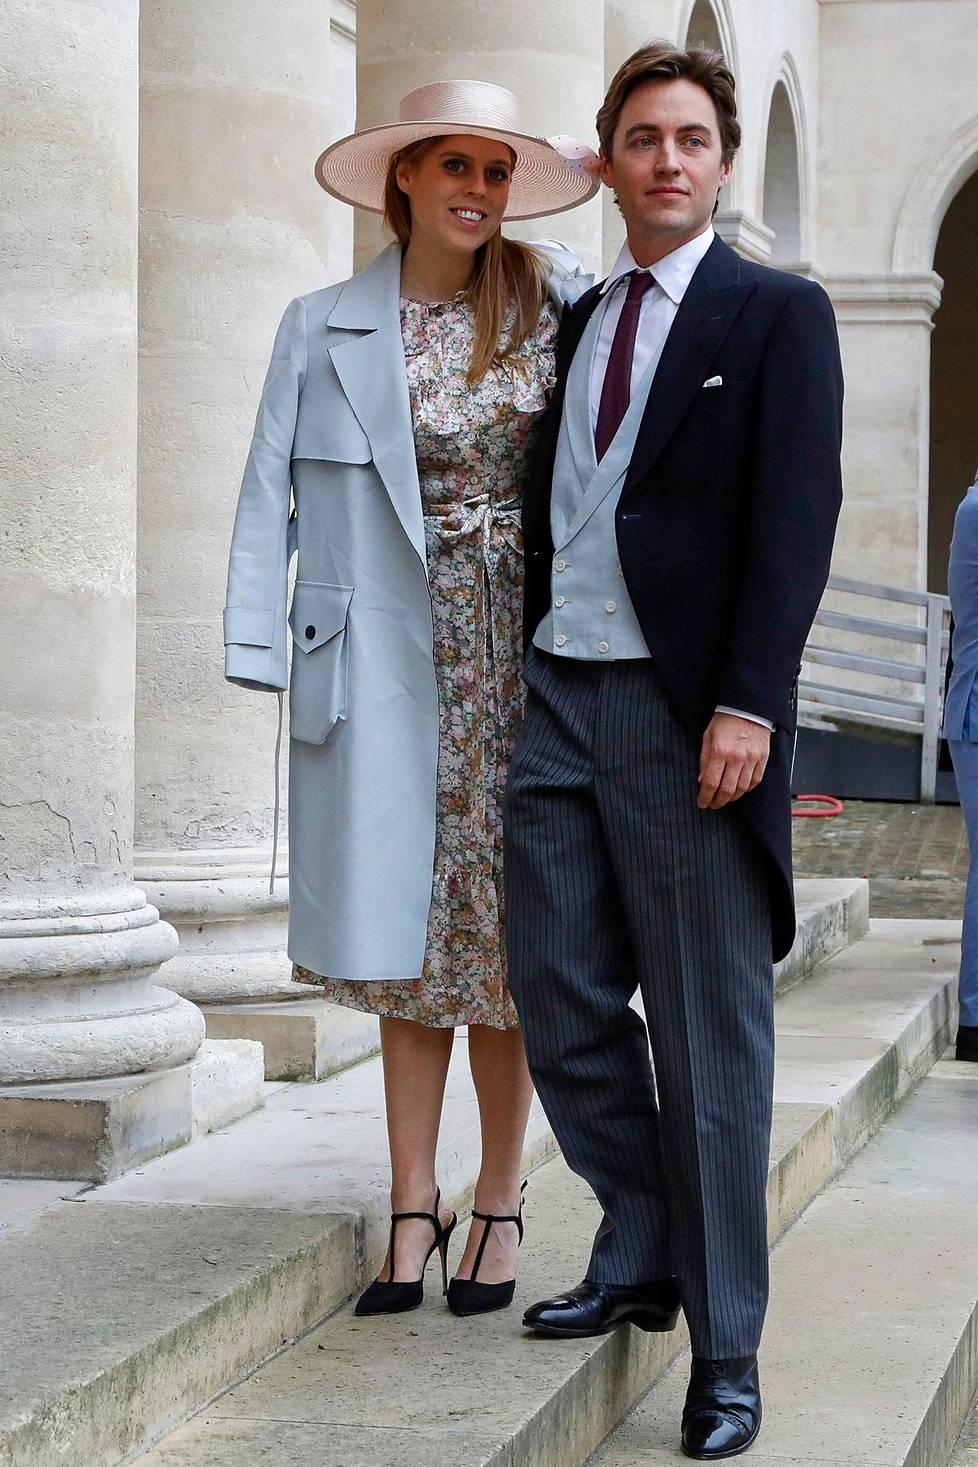 Prinsessa Beatrice ja hänen kihlattunsa Edoardo Mapelli Mozzi.